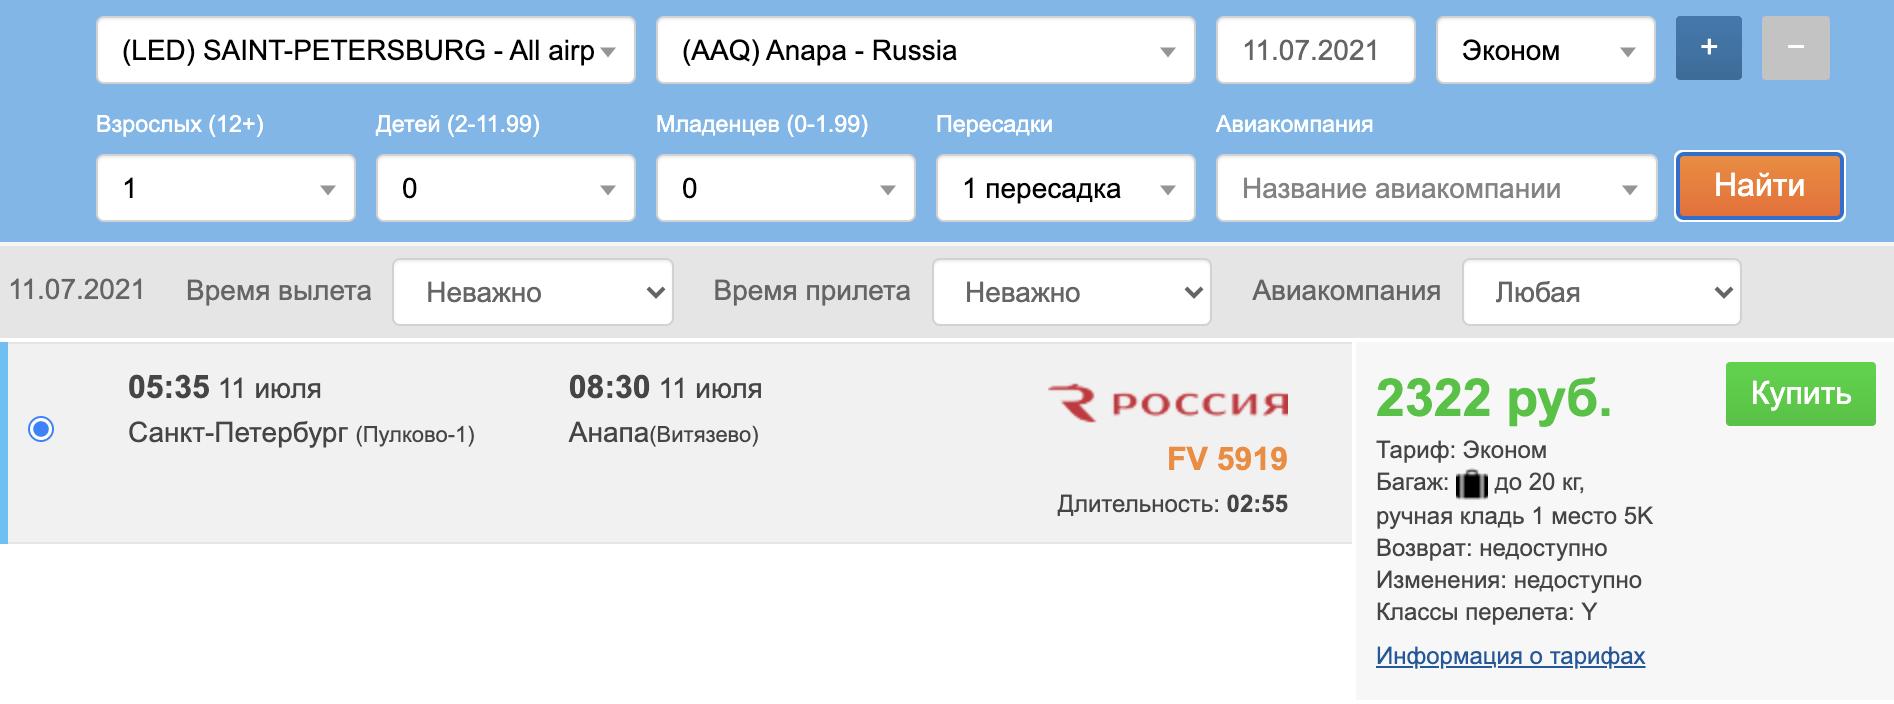 Послезавтра! Дешевые чартеры из СПб в Анапу за 4200₽ туда-обратно